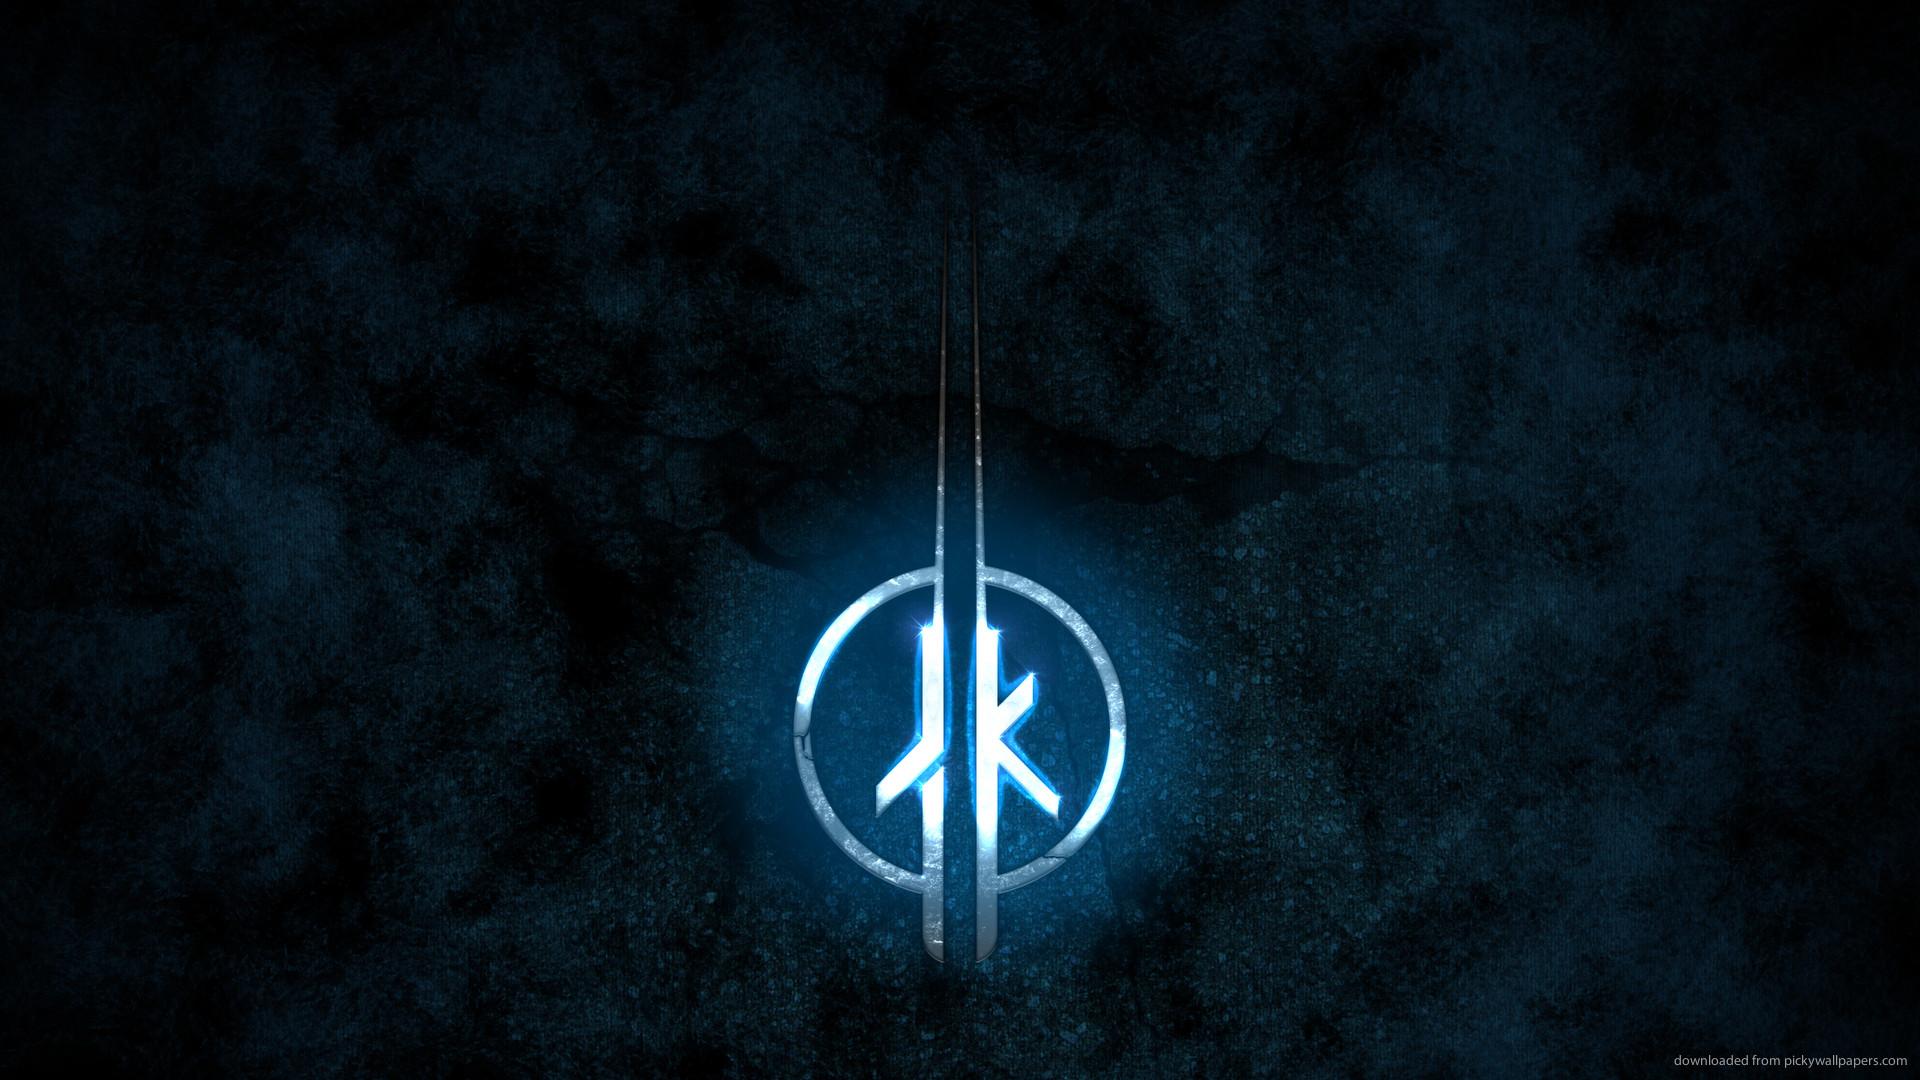 HD Jedi Symbol wallpaper